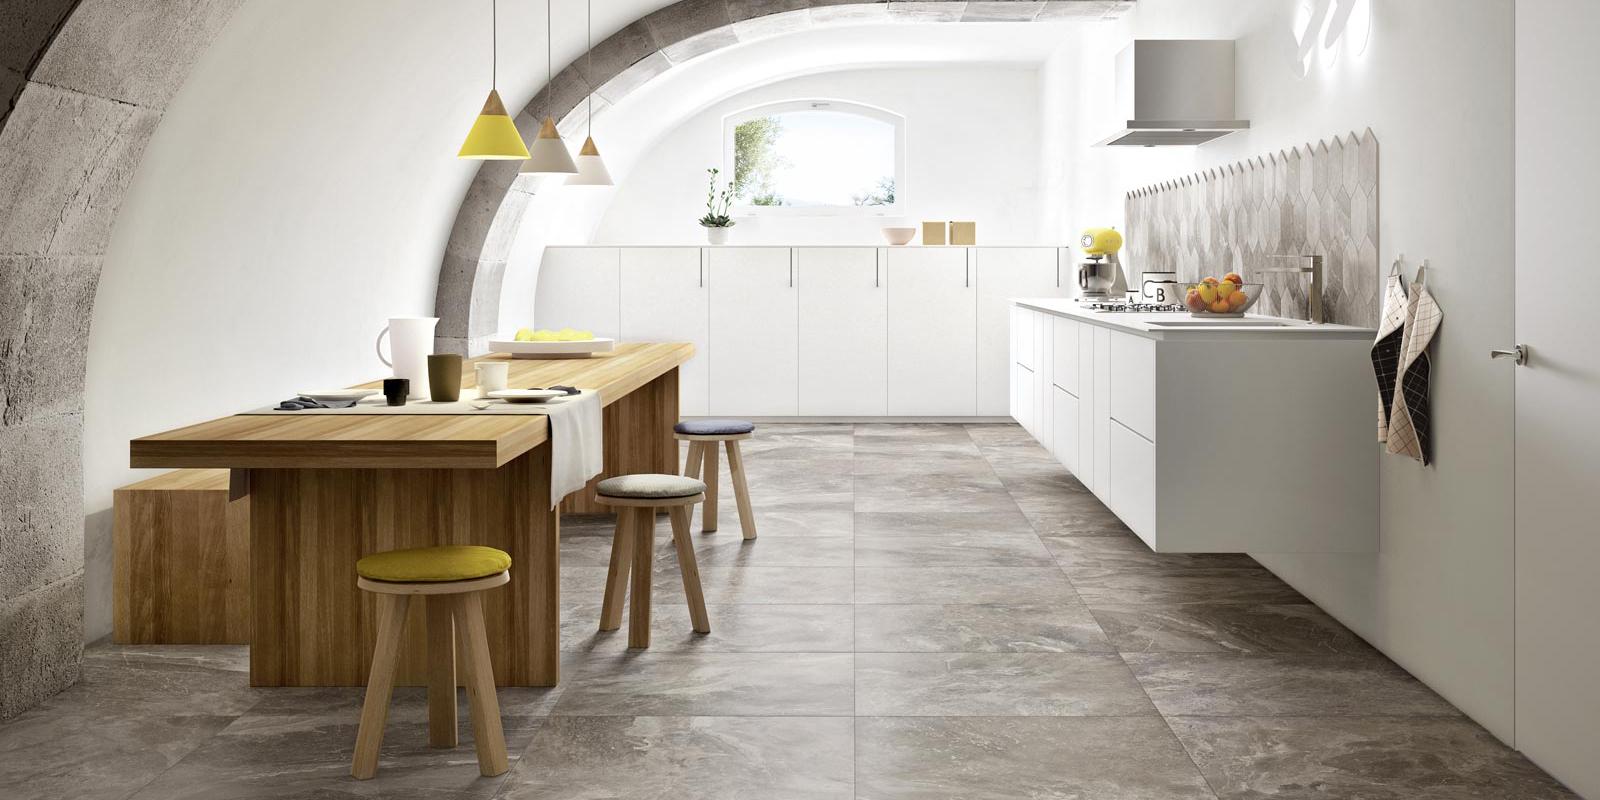 Ceramiche ragno bagno catalogo simple collezione brick glossy ragno with ceramiche ragno bagno - Catalogo piastrelle cucina ...